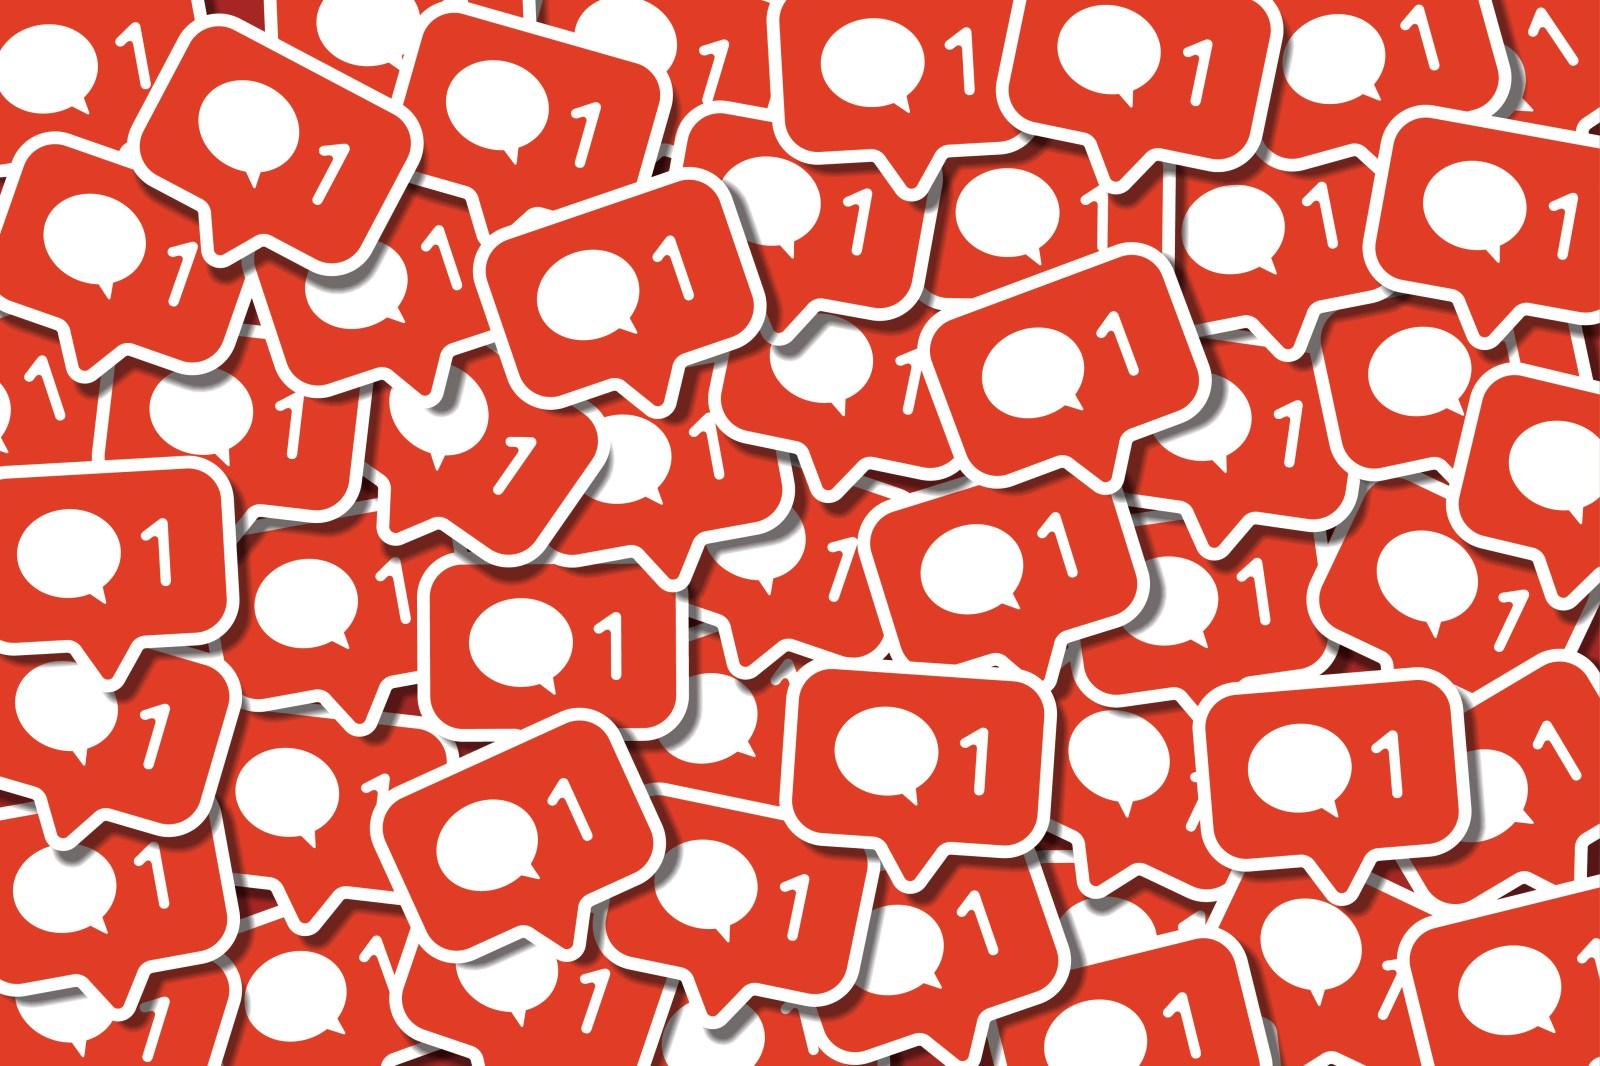 Social Bluebook a été piraté, exposant 217 000 comptes d'influenceurs